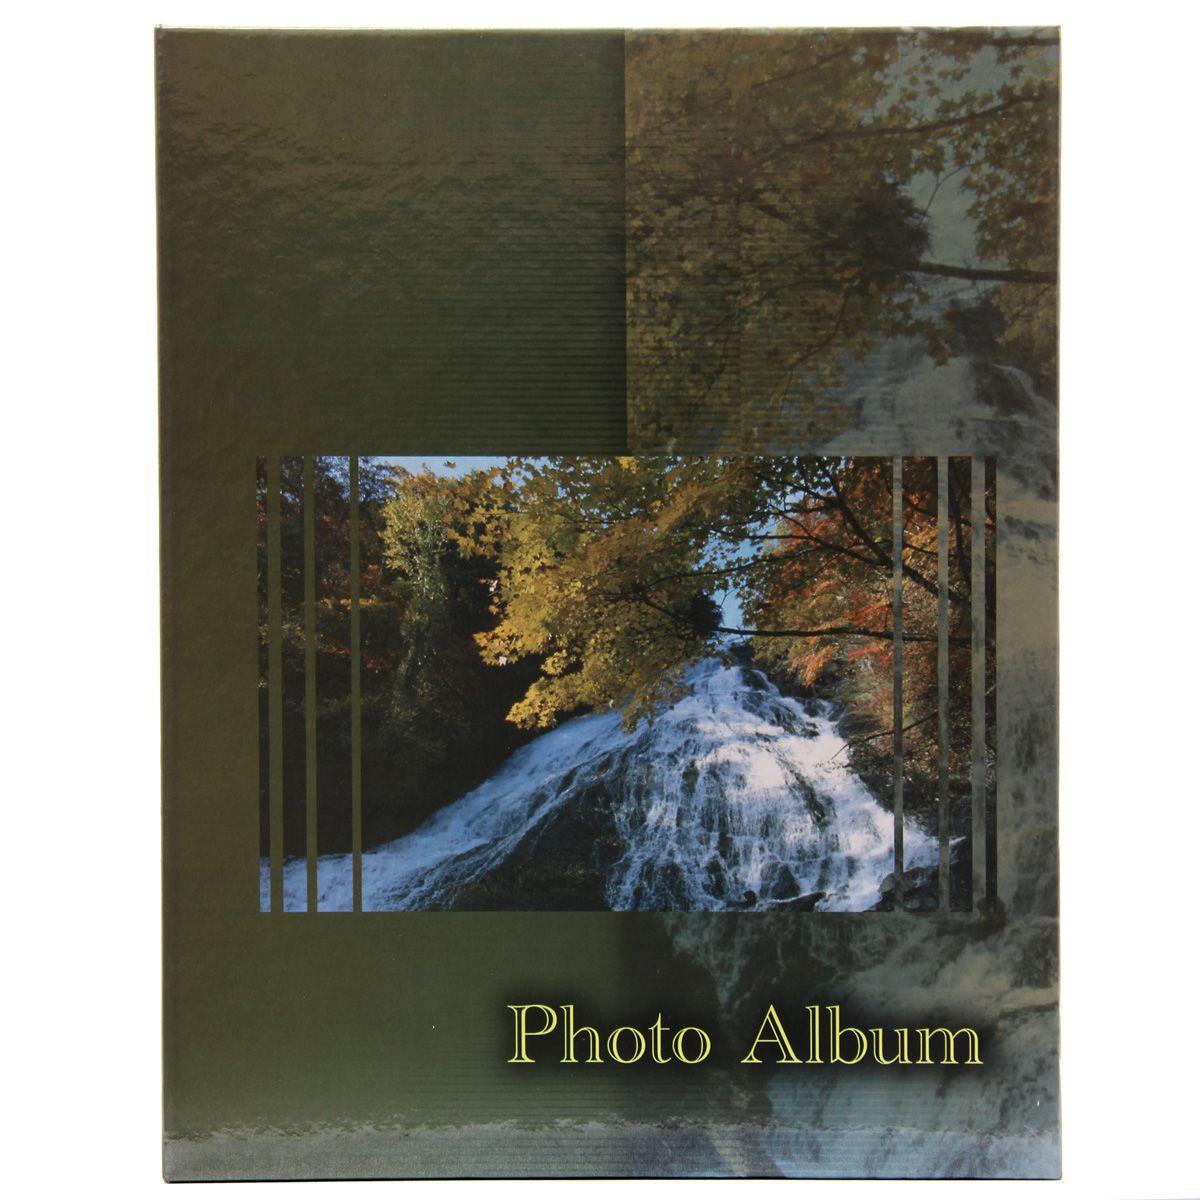 Фотоальбом Pioneer Waterfalls, 200 фотографий, цвет: светло-зеленый, 10 х 15 см46529 AV46200Альбом для фотографий формата 10х15 см. Тип обложки: картон. Тип листов: полипропиленовые. Тип переплета: термосварка. Материалы, использованные в изготовлении альбома, обеспечивают высокое качество хранения Ваших фотографий, поэтому фотографии не желтеют со временем.